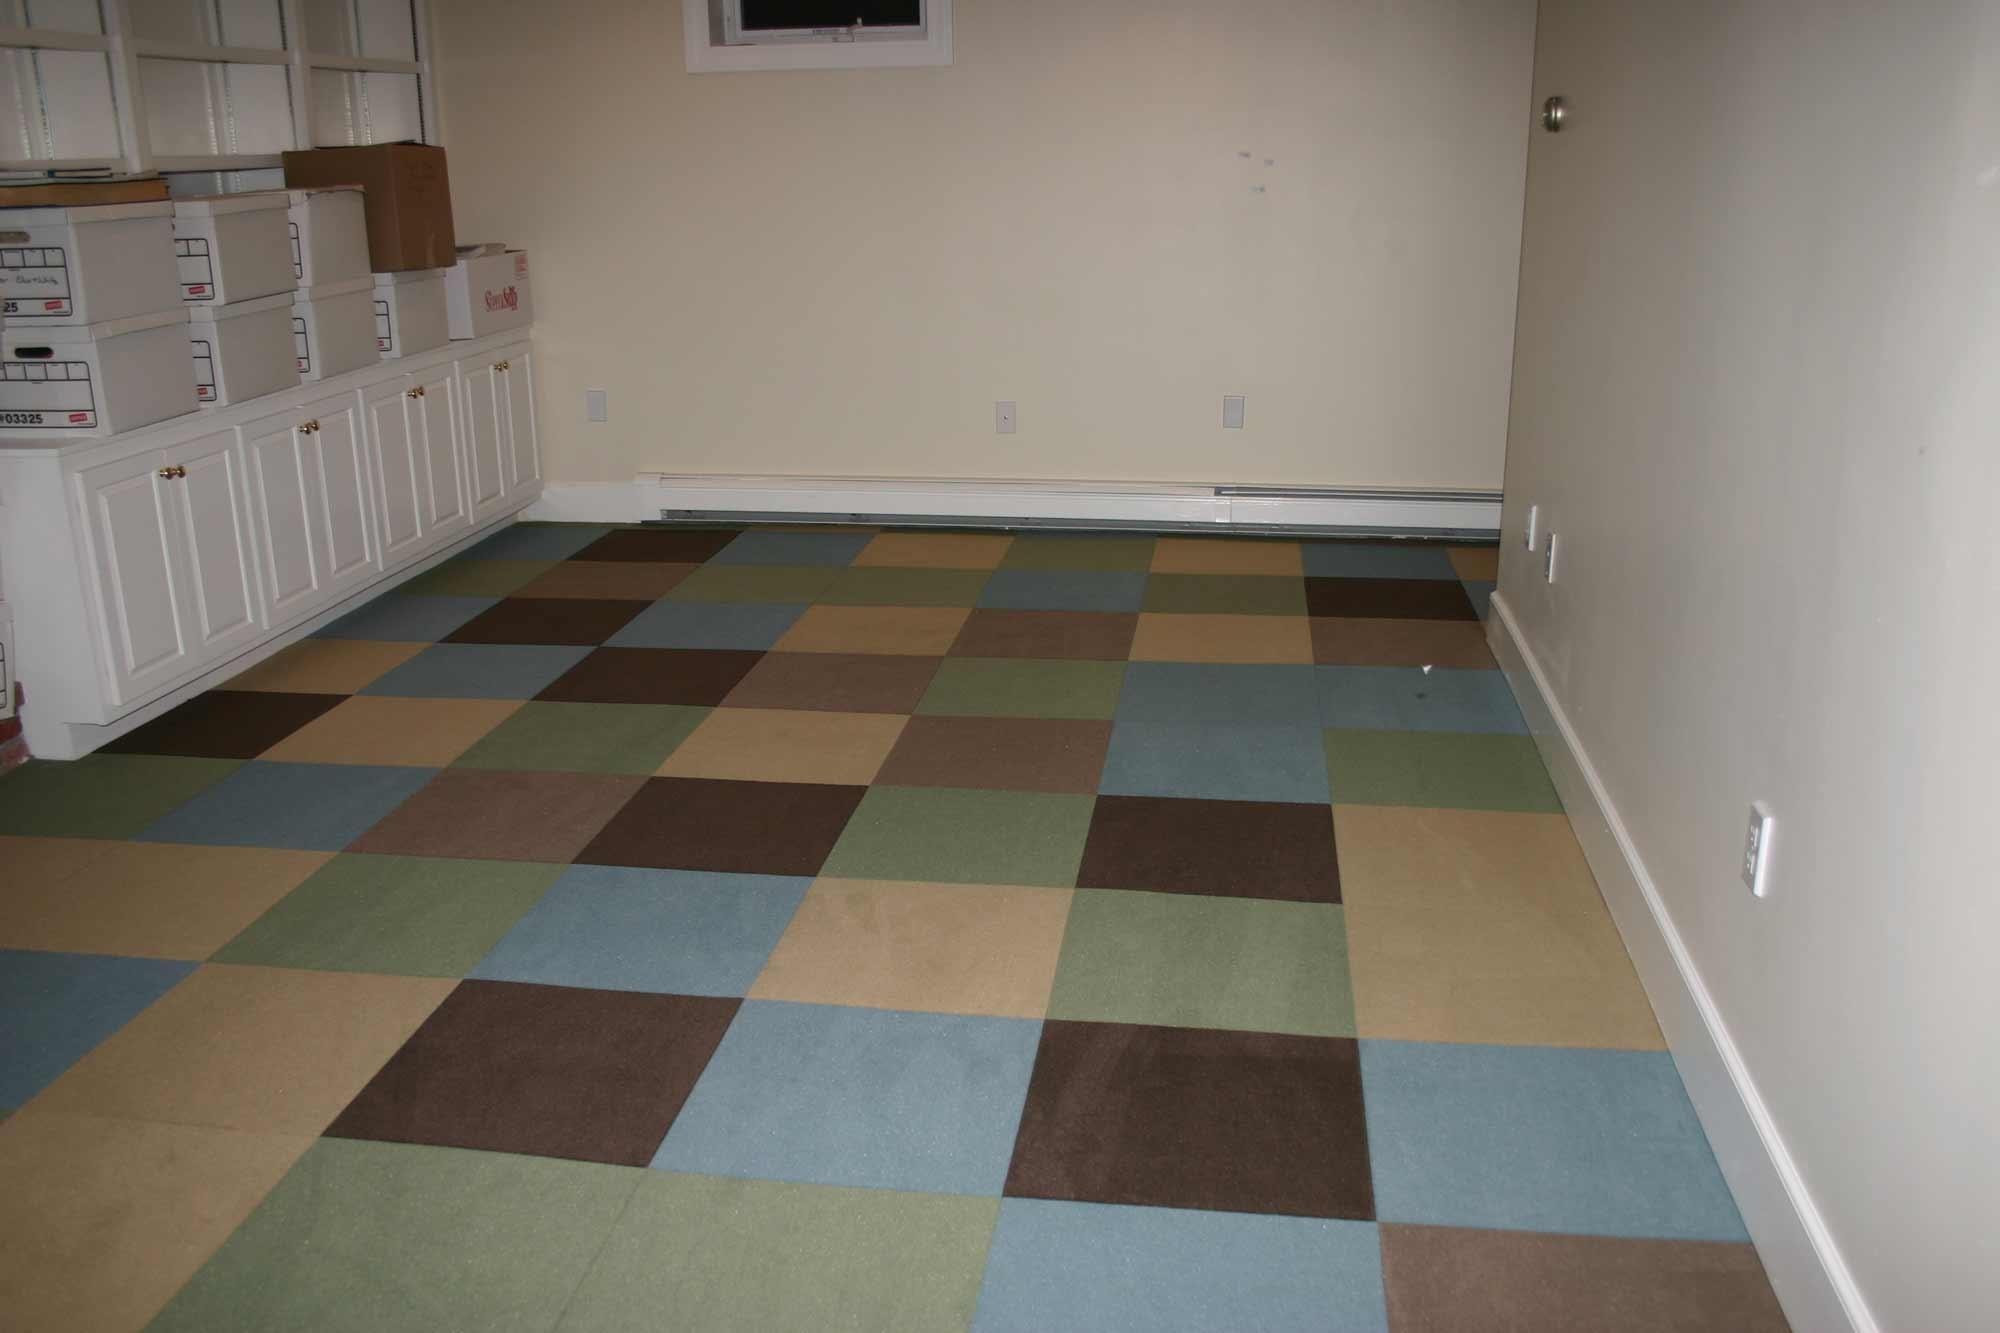 Rubber Basement Floor Tiles